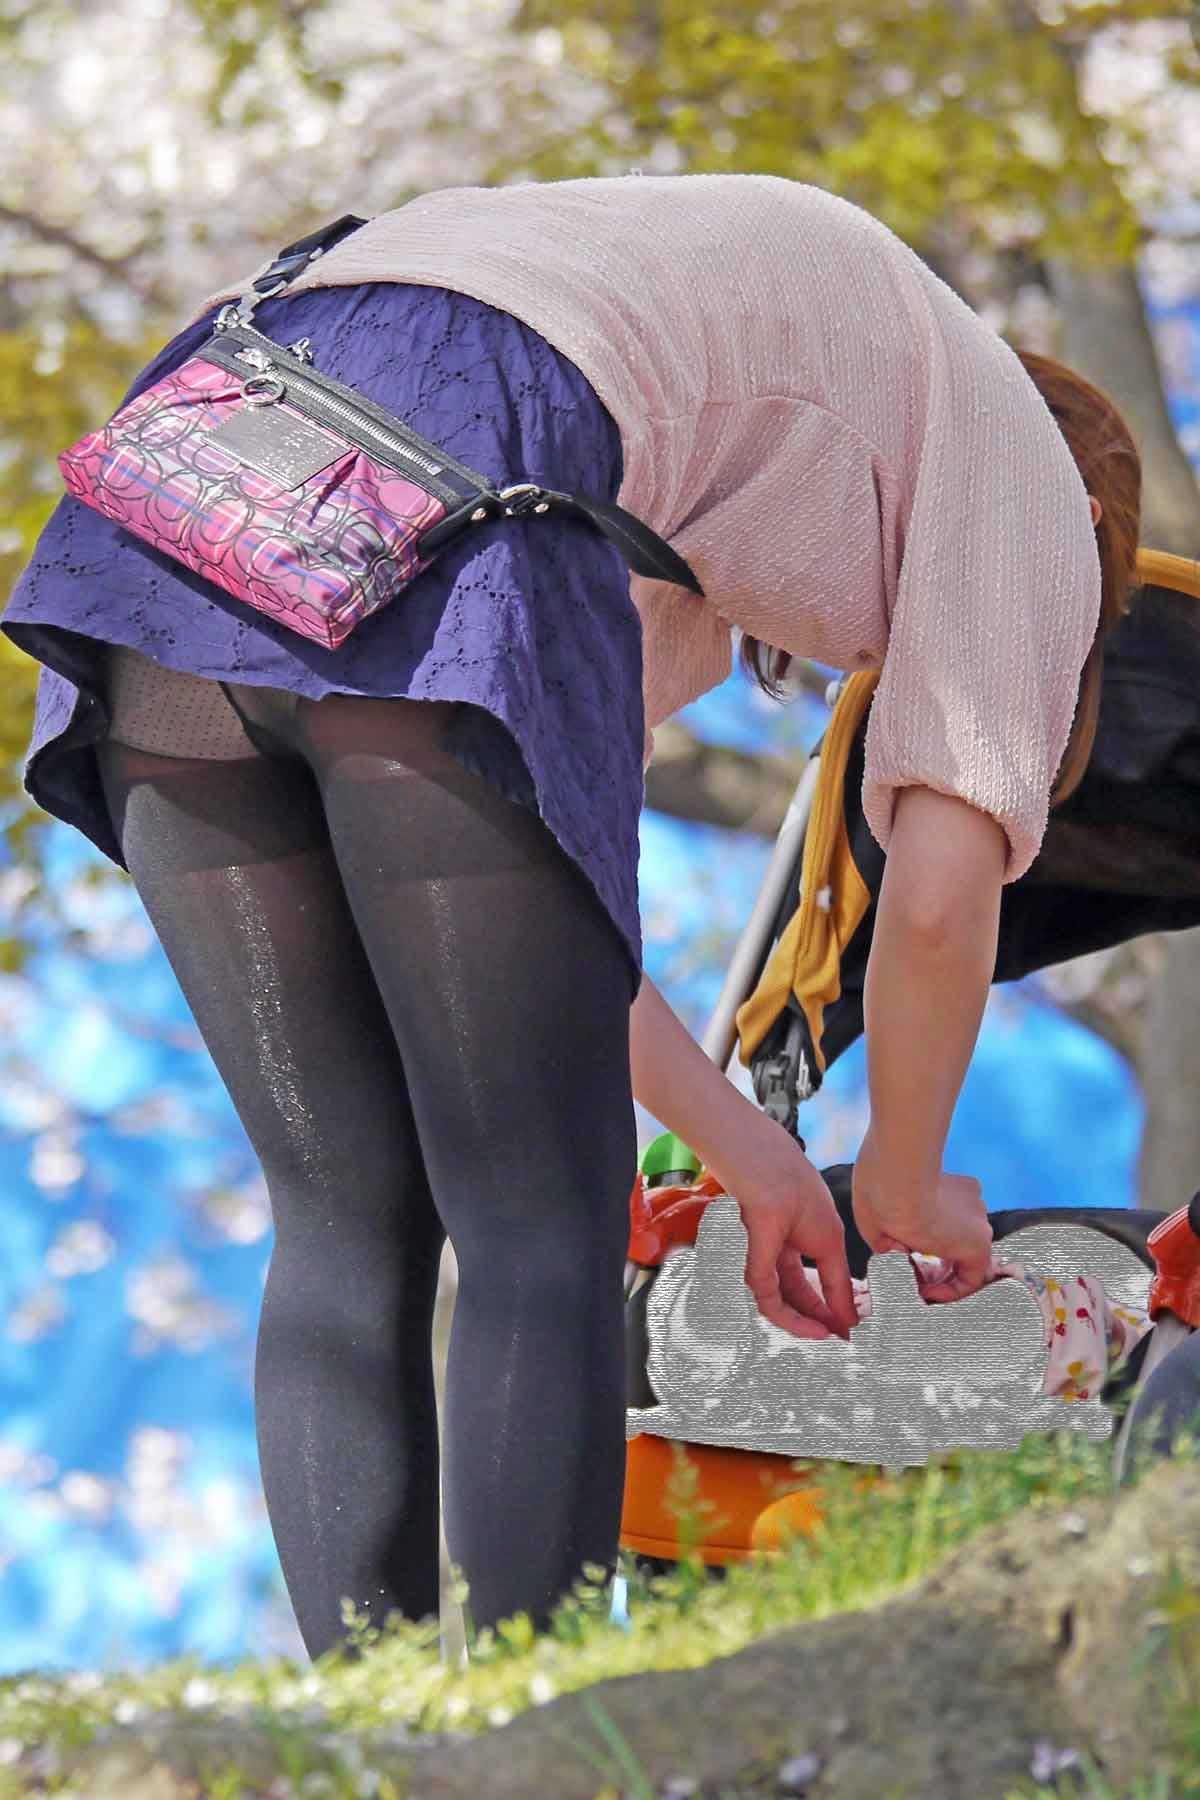 ハプニングのお宝エロ画像